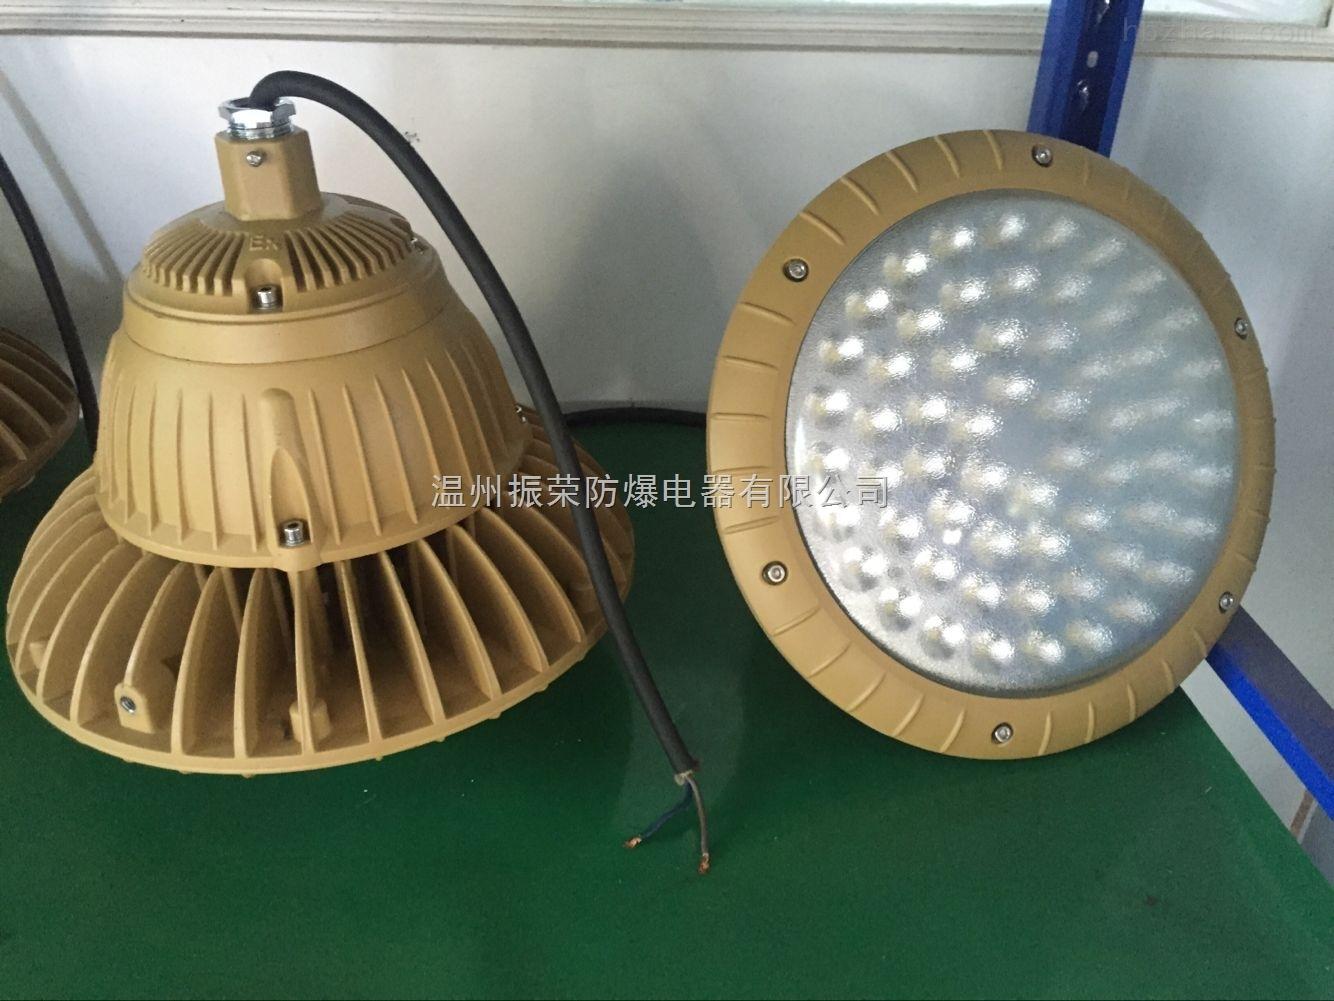 led防爆平台灯60W-60Wled防爆平台灯